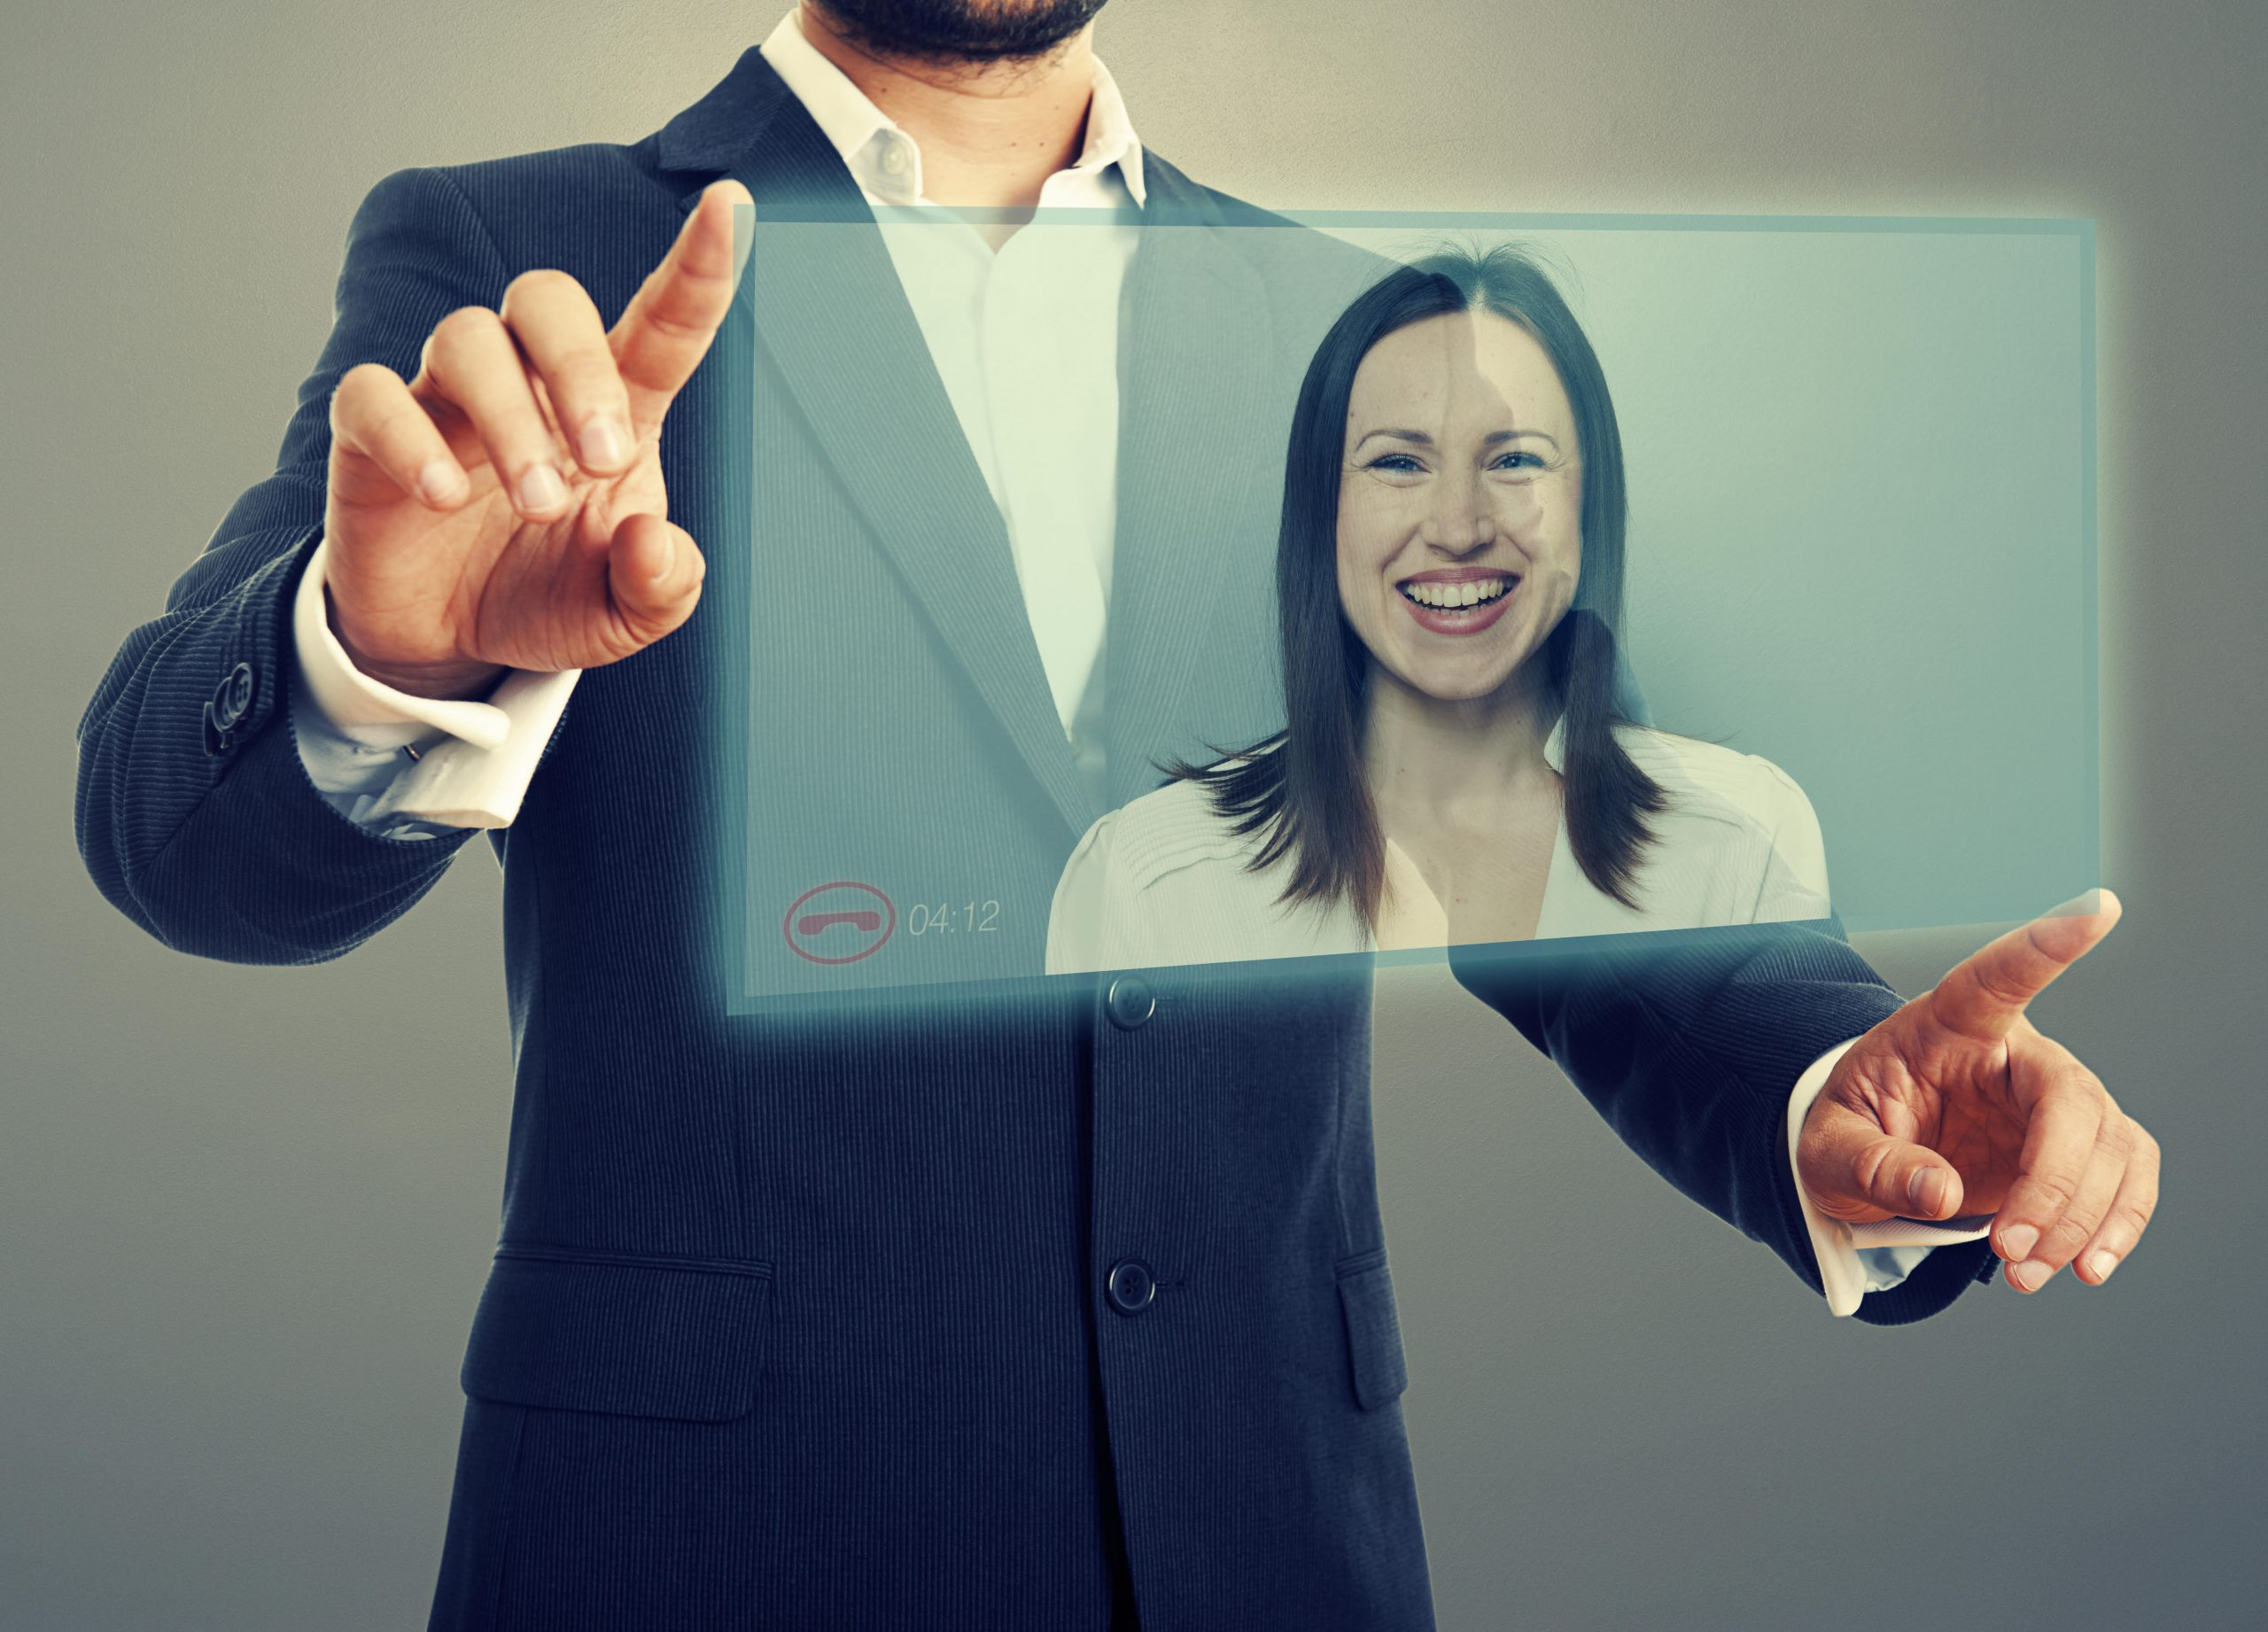 Conseil entrevue Videoconférence VIDÉOCONFÉRENCE